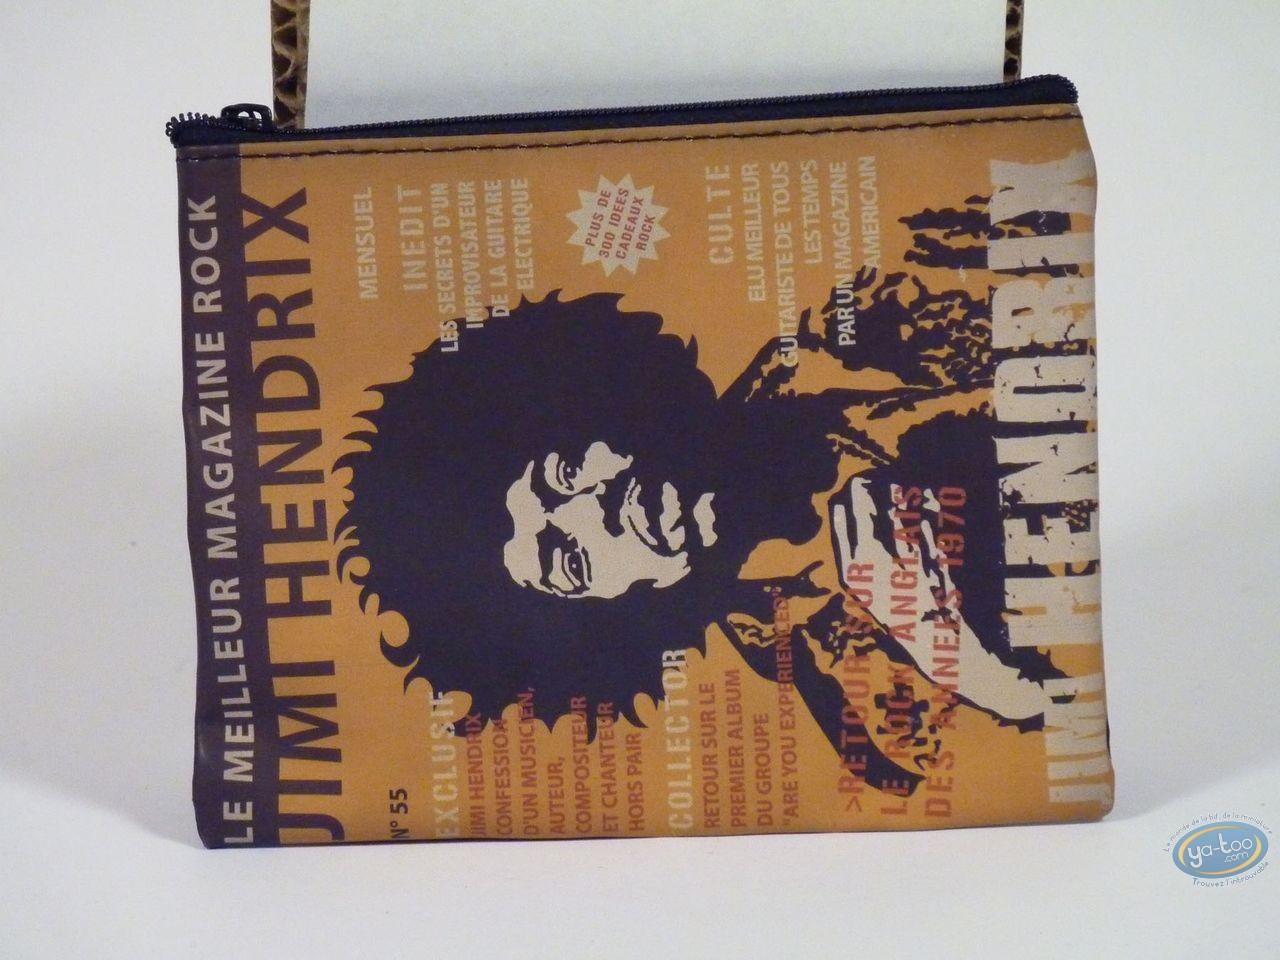 Luggage, Jimi Hendrix : Magazine cover, Jimi Hendrix